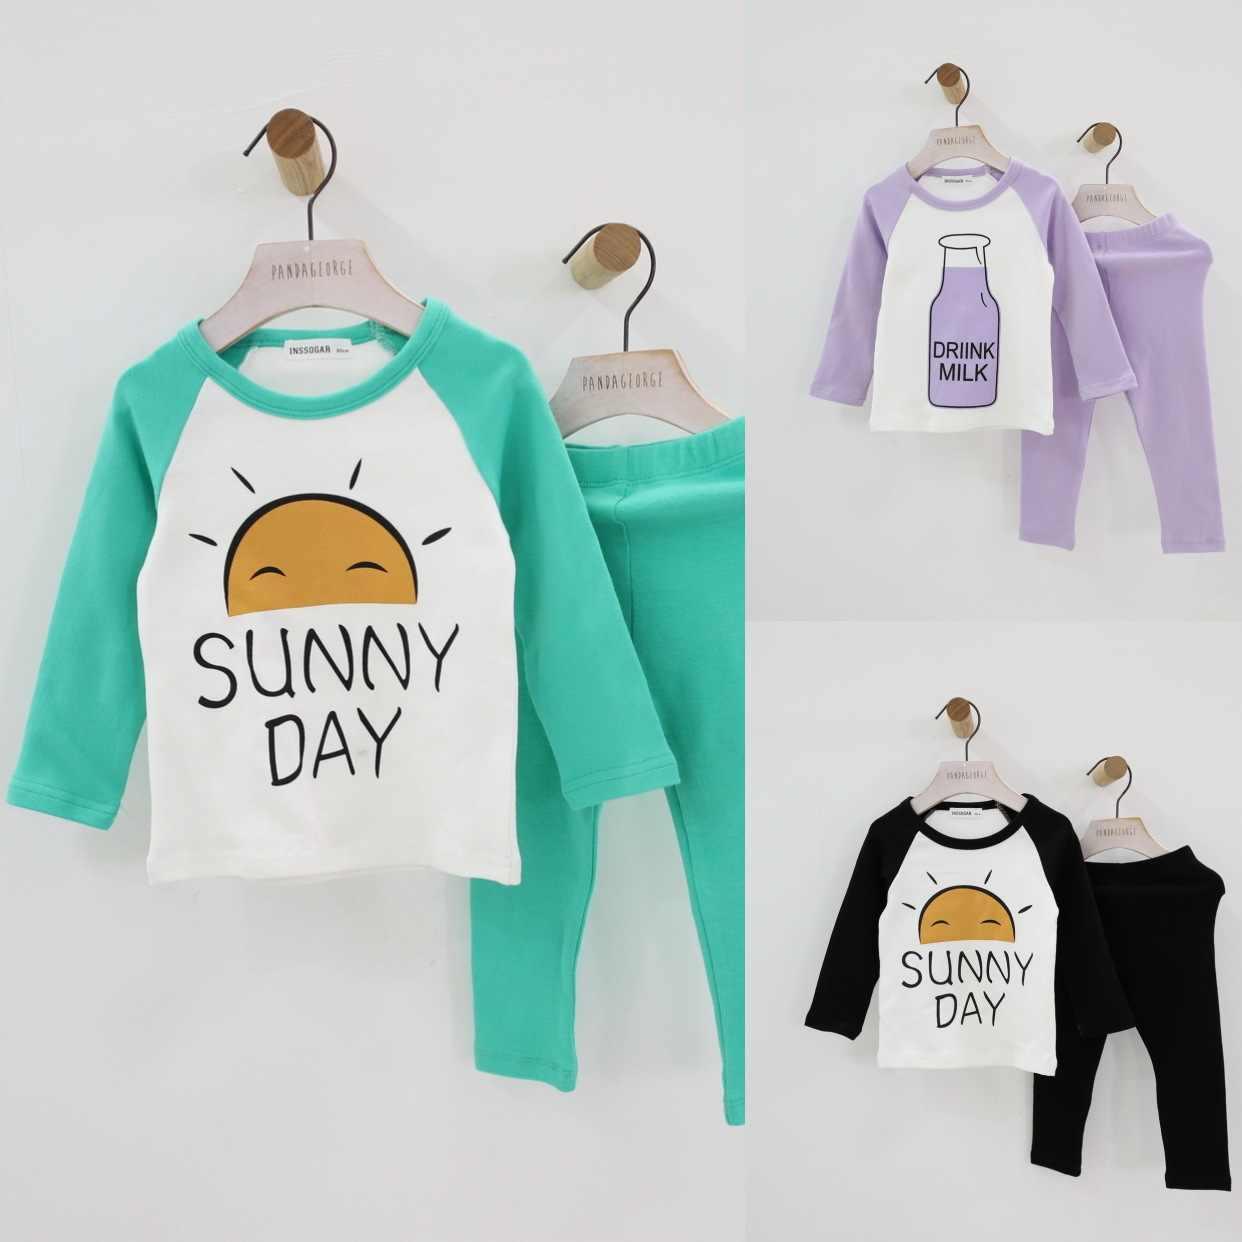 誕生日 tシャツ少年少女服セット秋のパジャマセット女性赤ちゃんツーピースパジャマ子供の生成の服